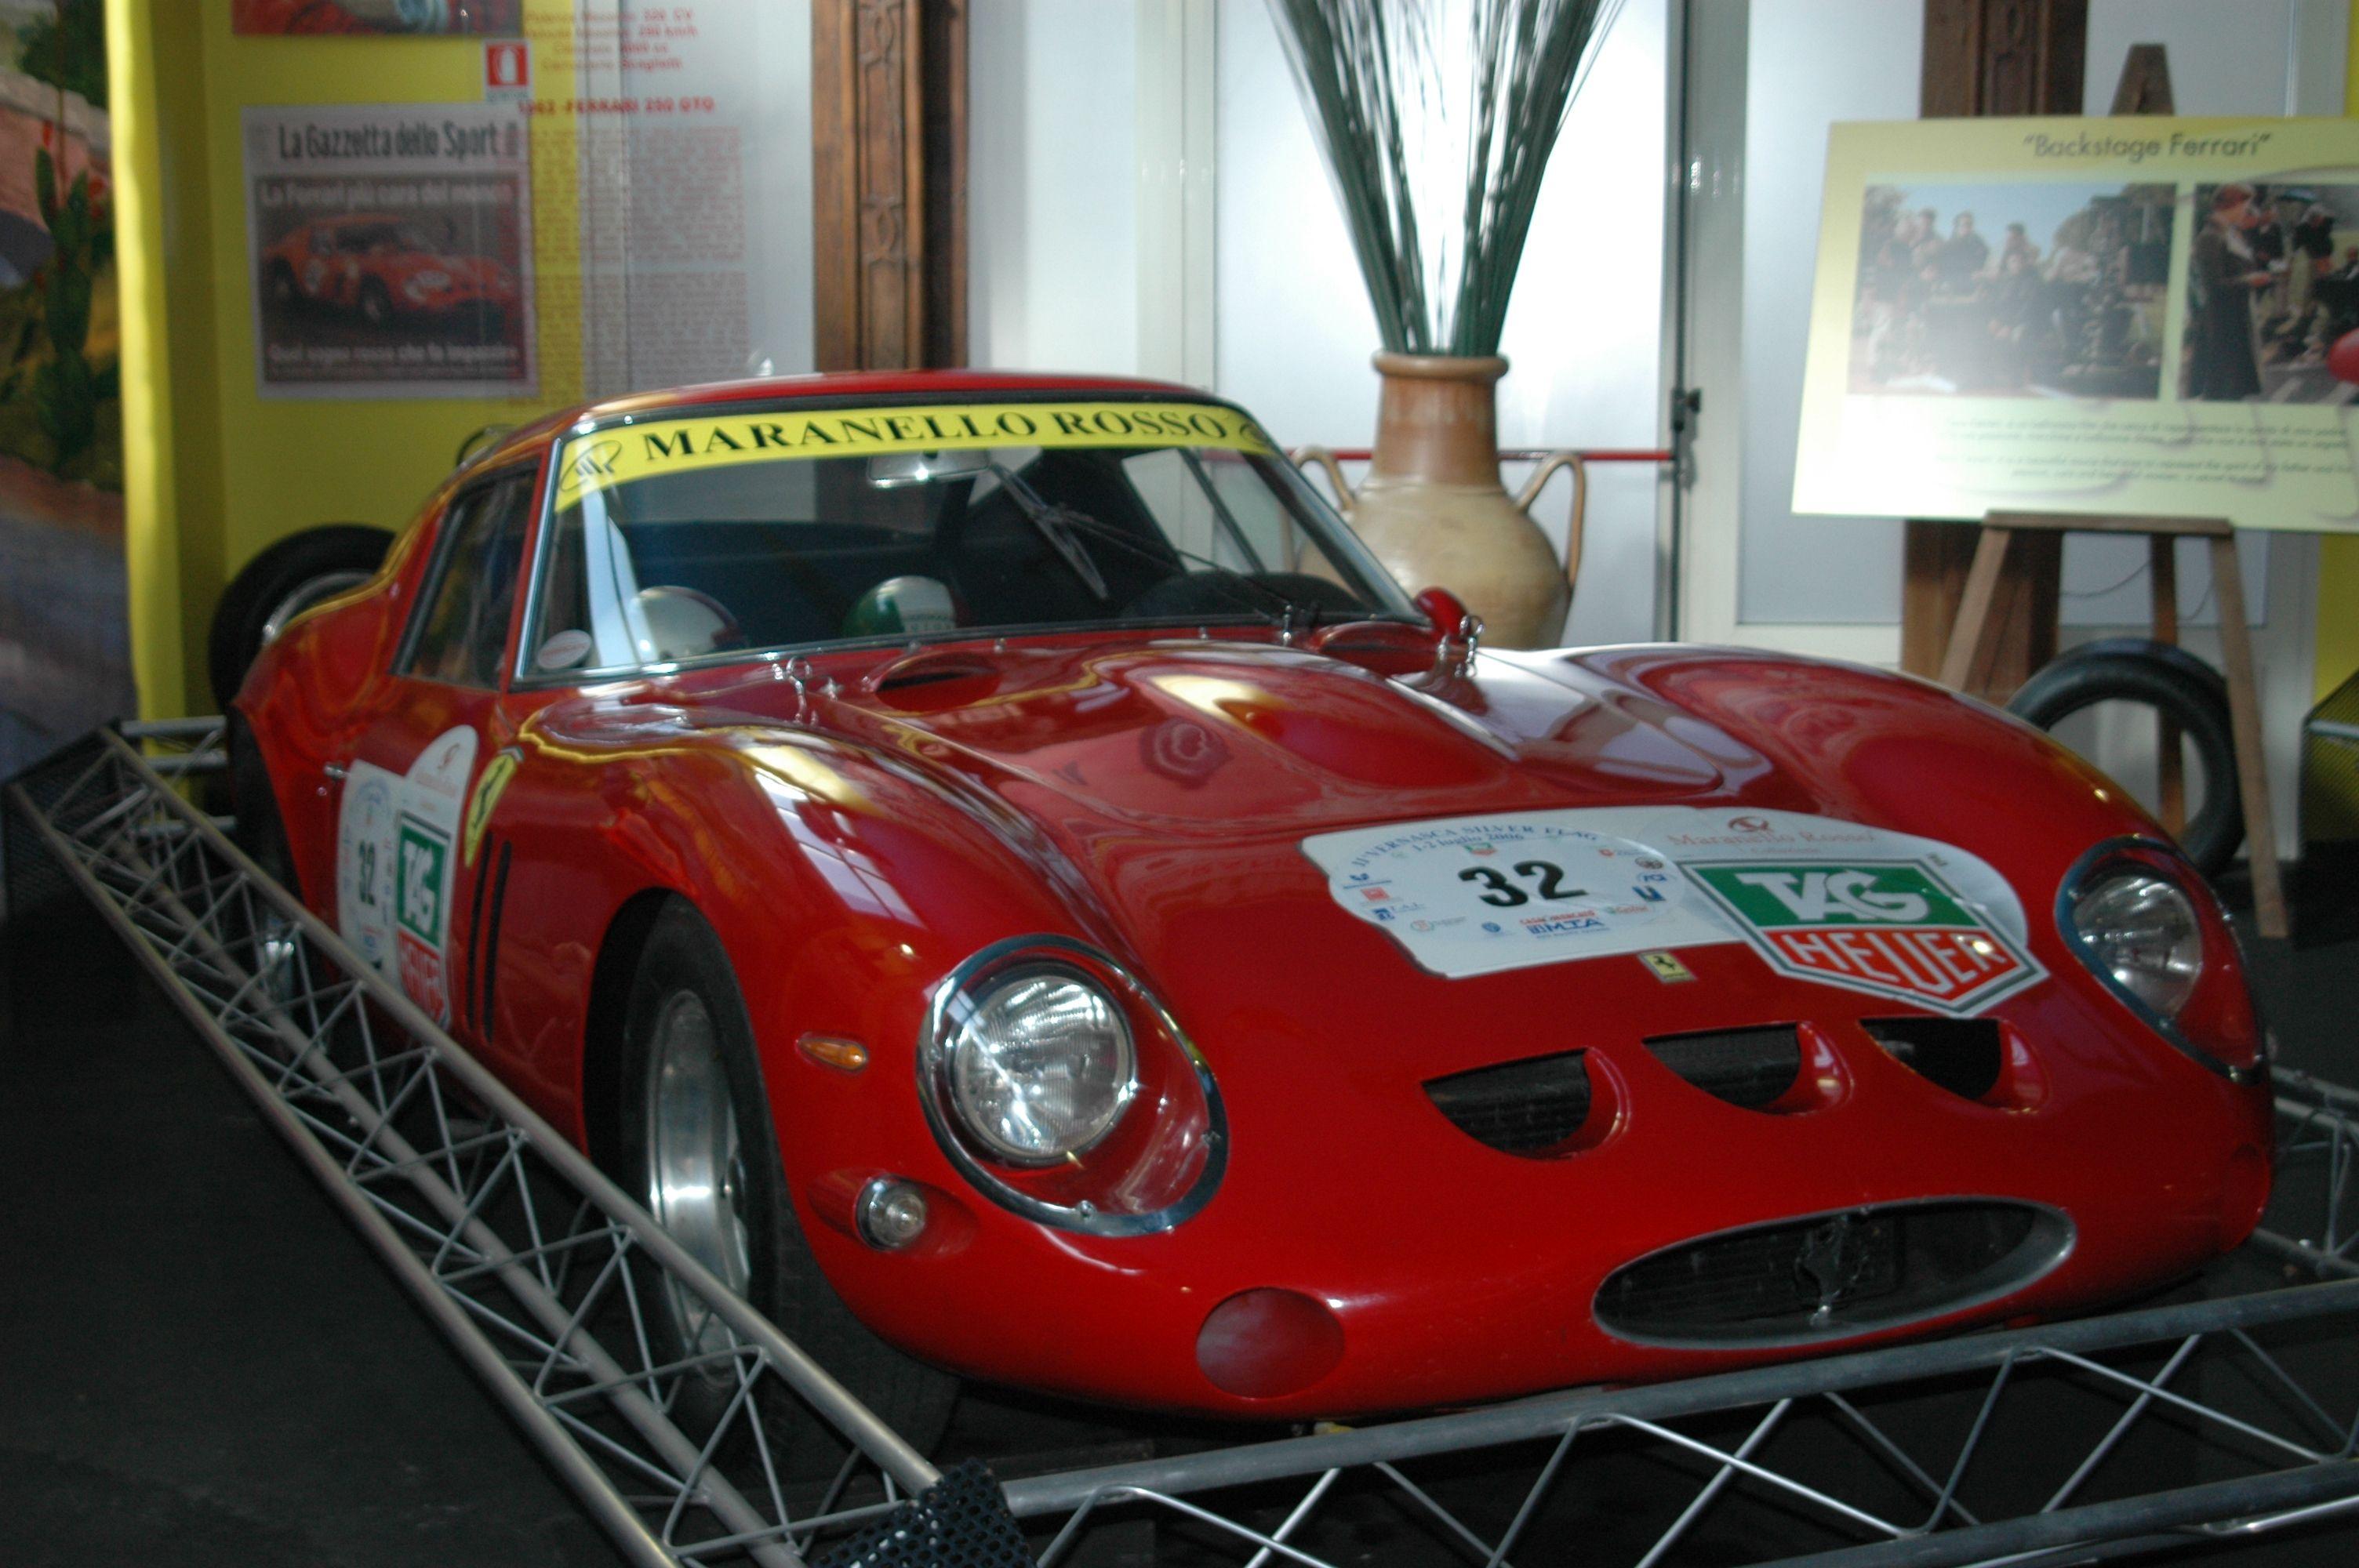 Maranello Rosso Ferrari Museum In San Marino San Marino Maranello Classic Cars